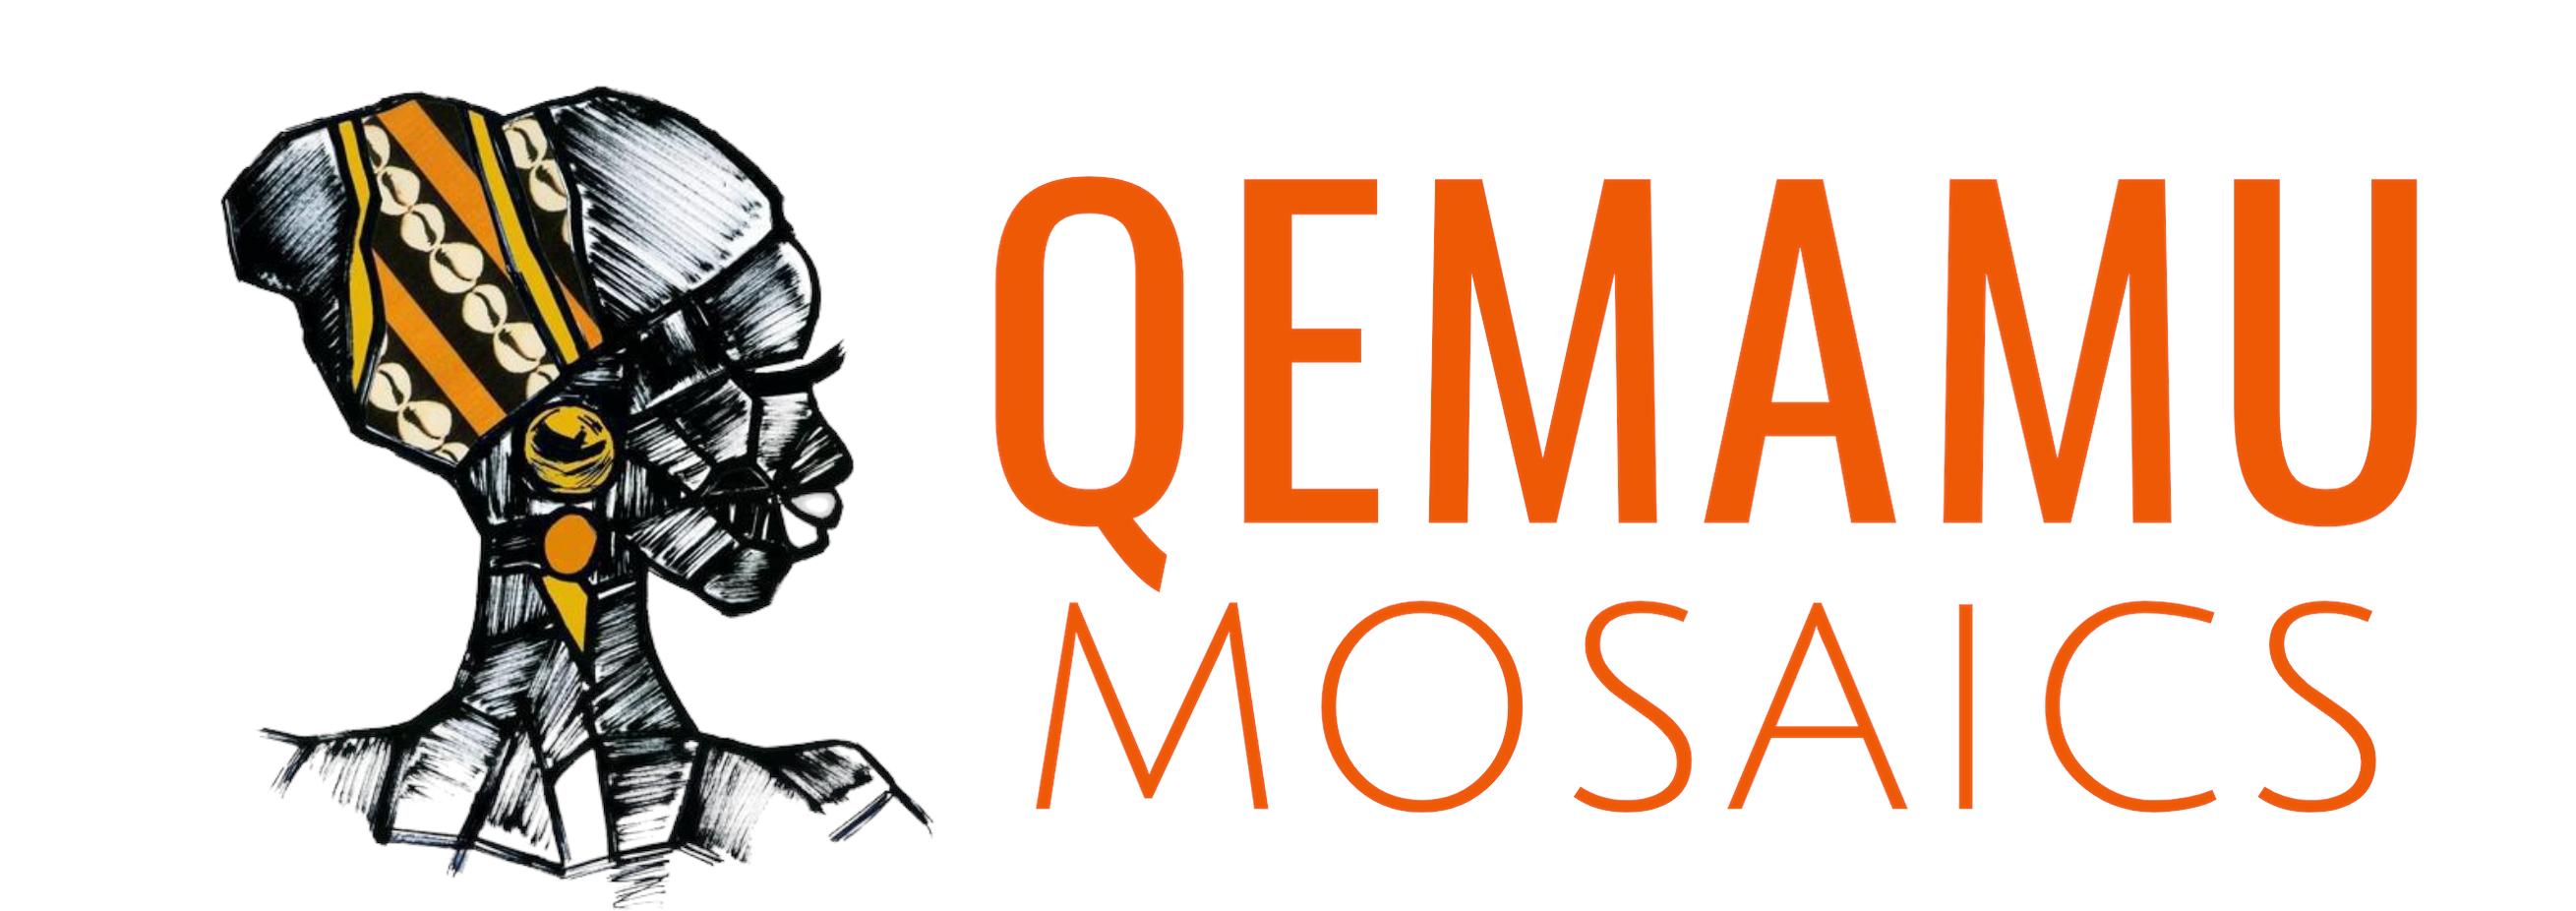 QEMAMU MOSAICS